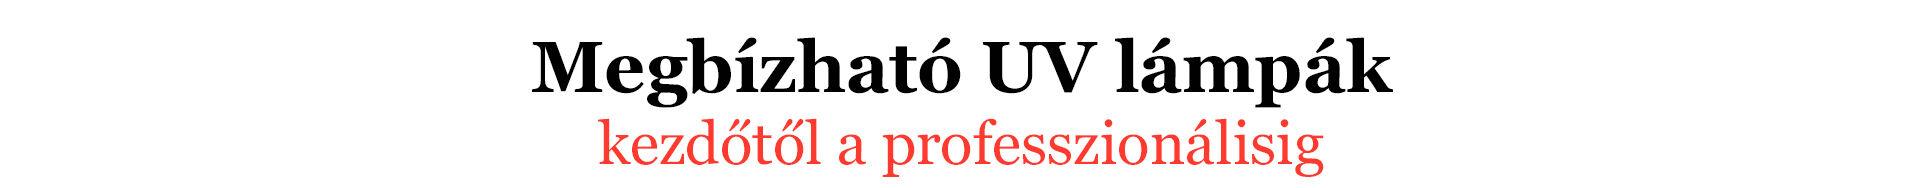 Megbízható UV lámpák  kezdőtől a professzionálisig